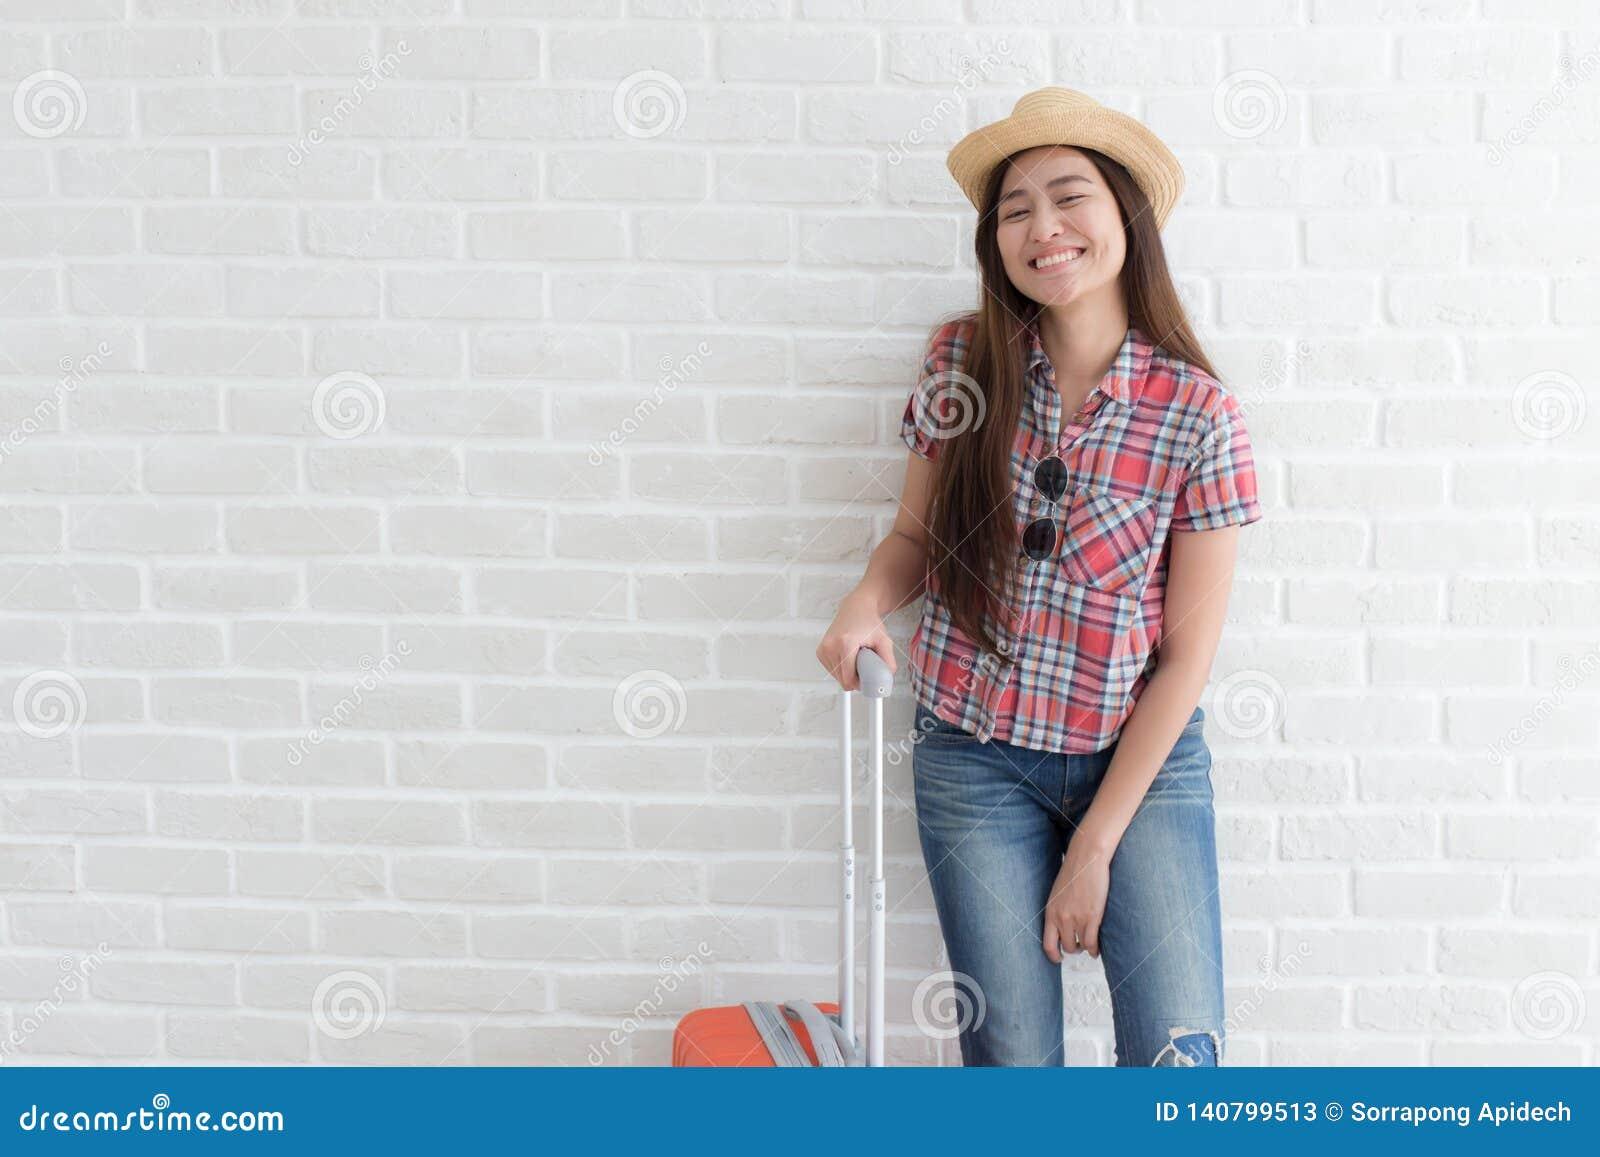 Asiatin bereiten vor sich, auf weiße Backsteinmauer, Lebensstil und Tourismus zu reisen